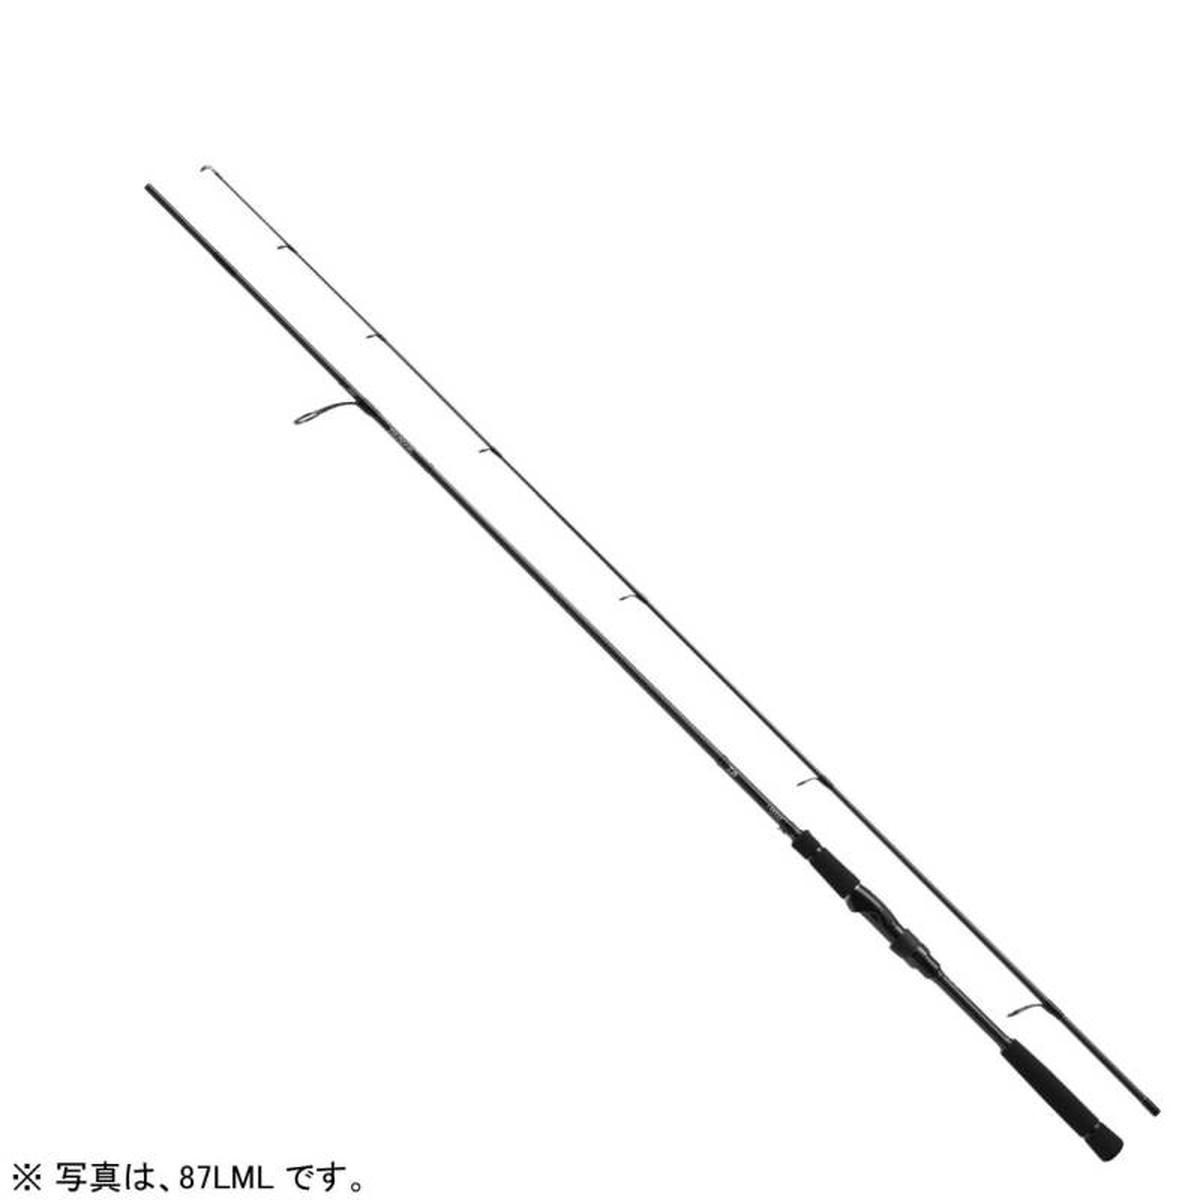 ダイワ ロッド ラブラックスAGS 90L 【6】【※大型商品の為同梱不可】